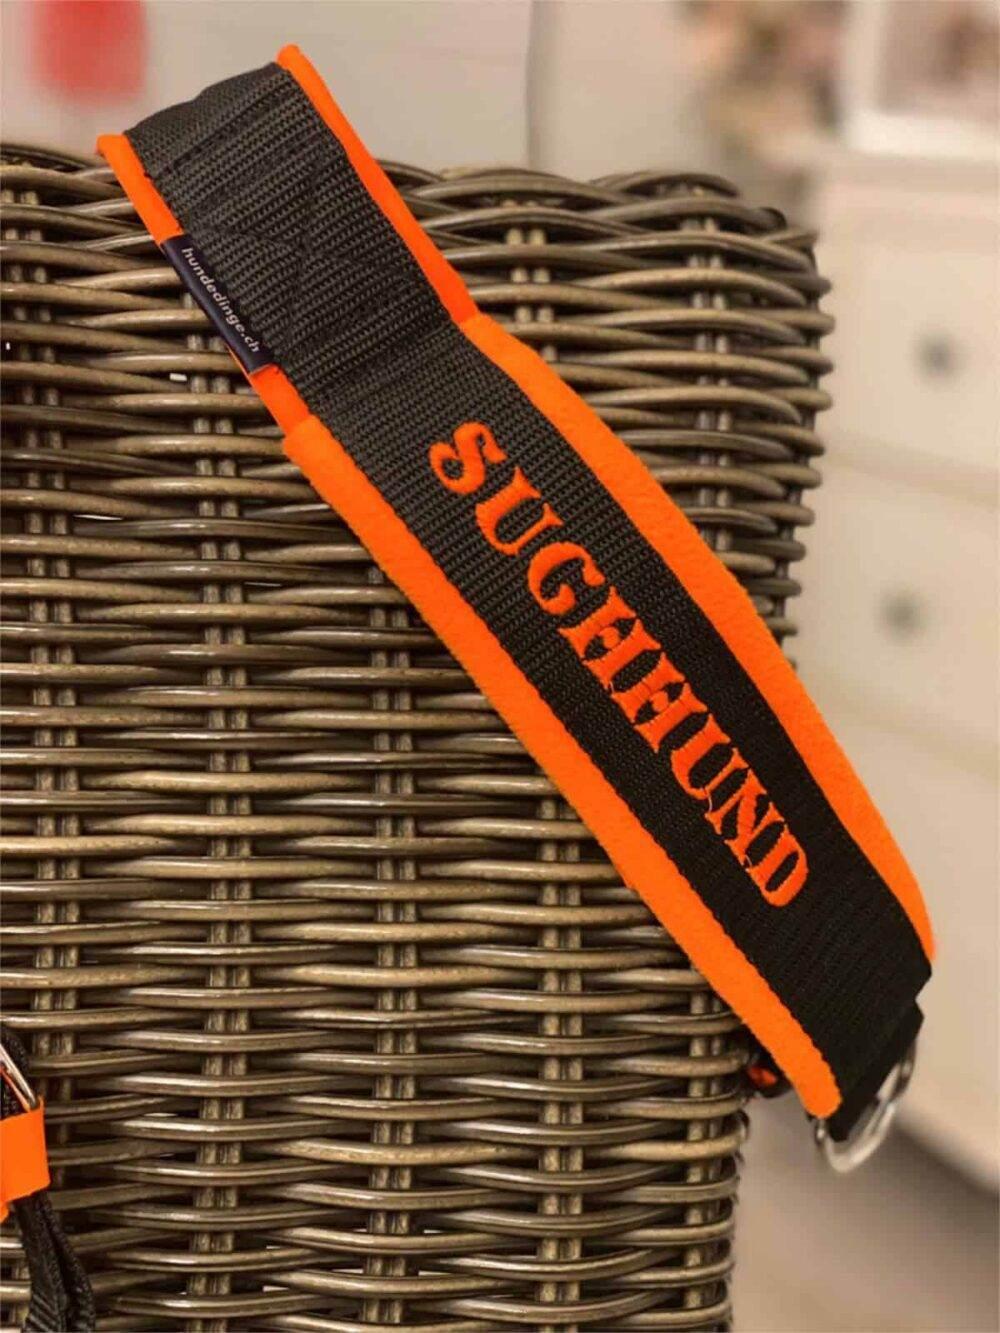 Halsband mit Softshell